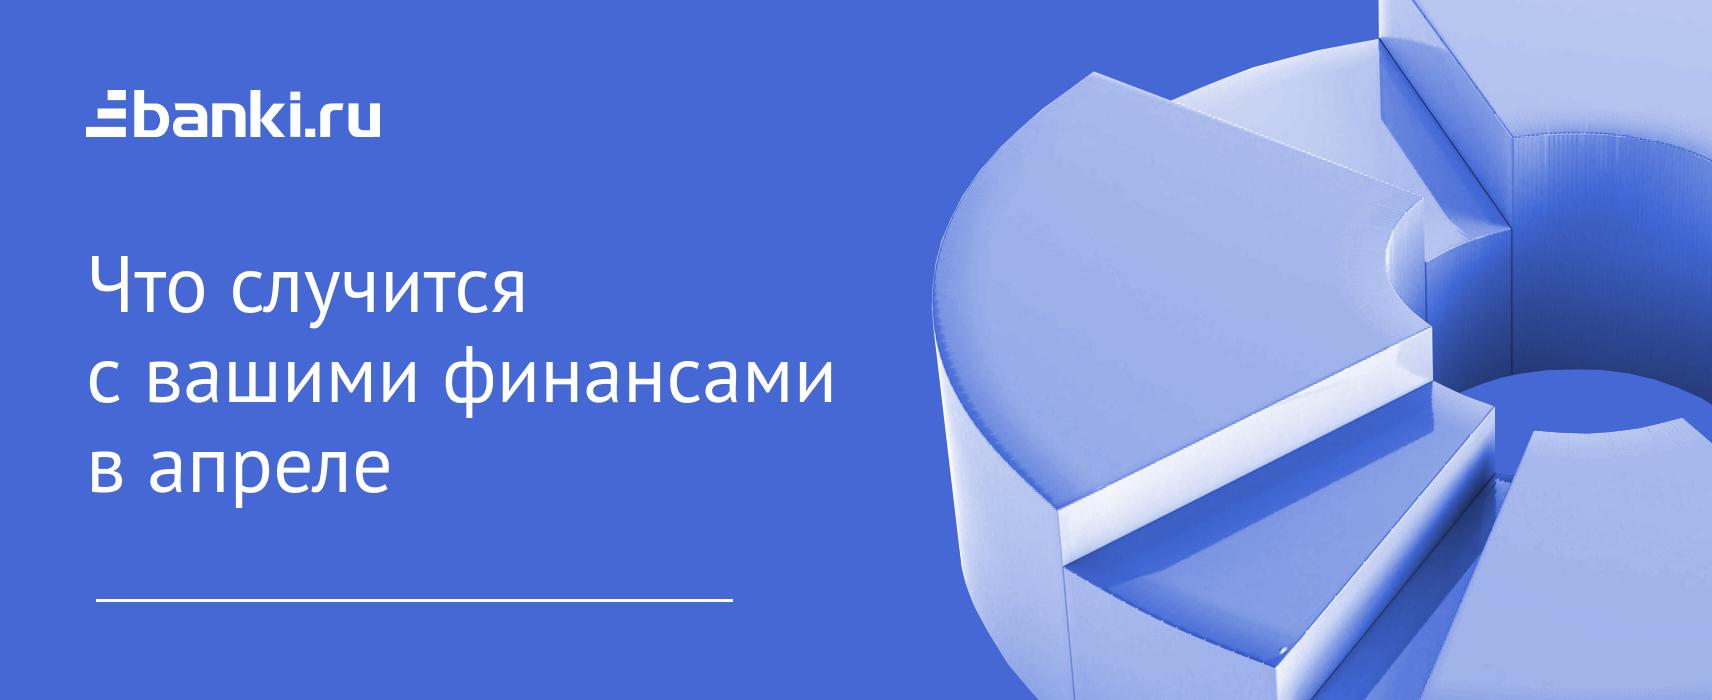 Дайджест Банки.ру: что случится с вашими финансами в апреле